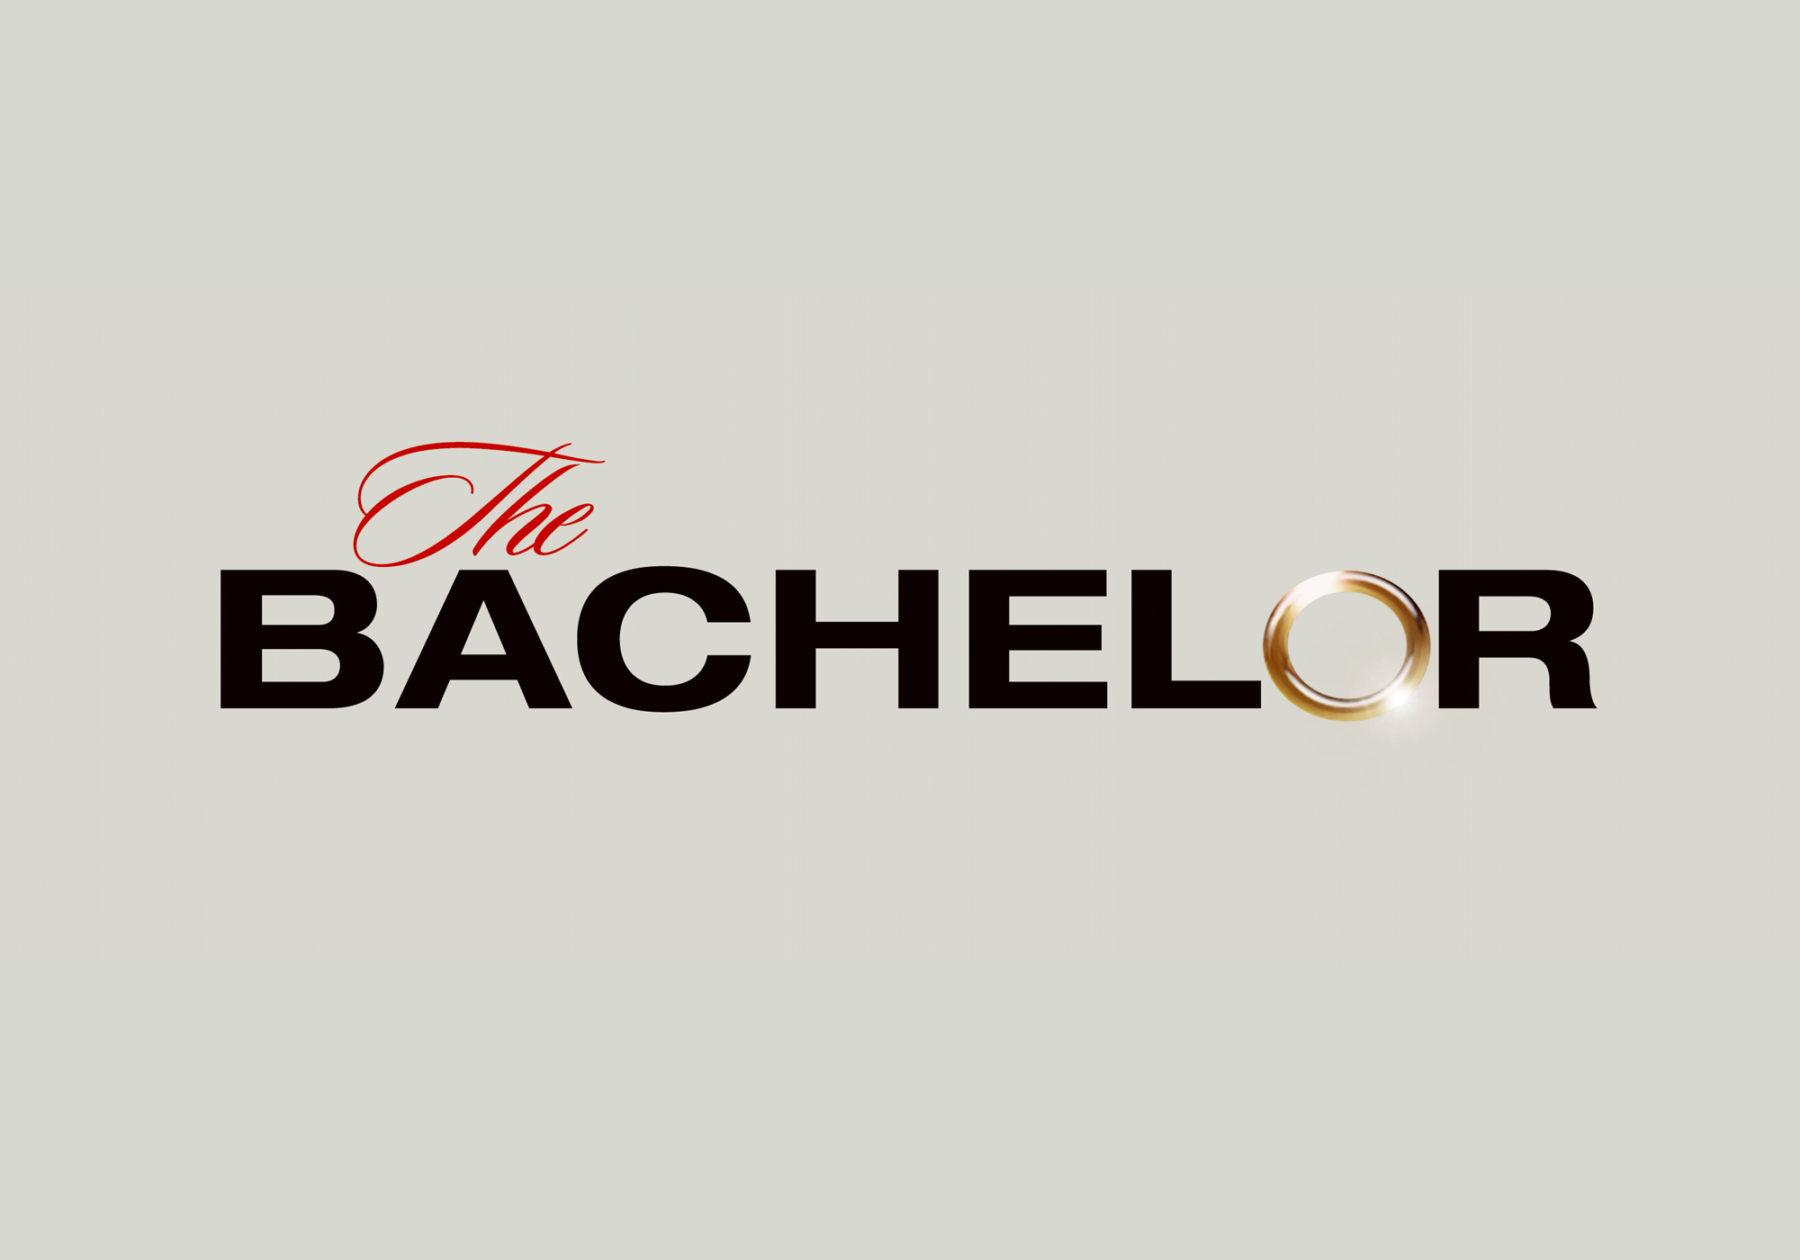 Αποκλειστικό! Σε μαύρη λίστα βάζει ο ΑLPHA όποιον μιλάει αρνητικά για το Bachelor